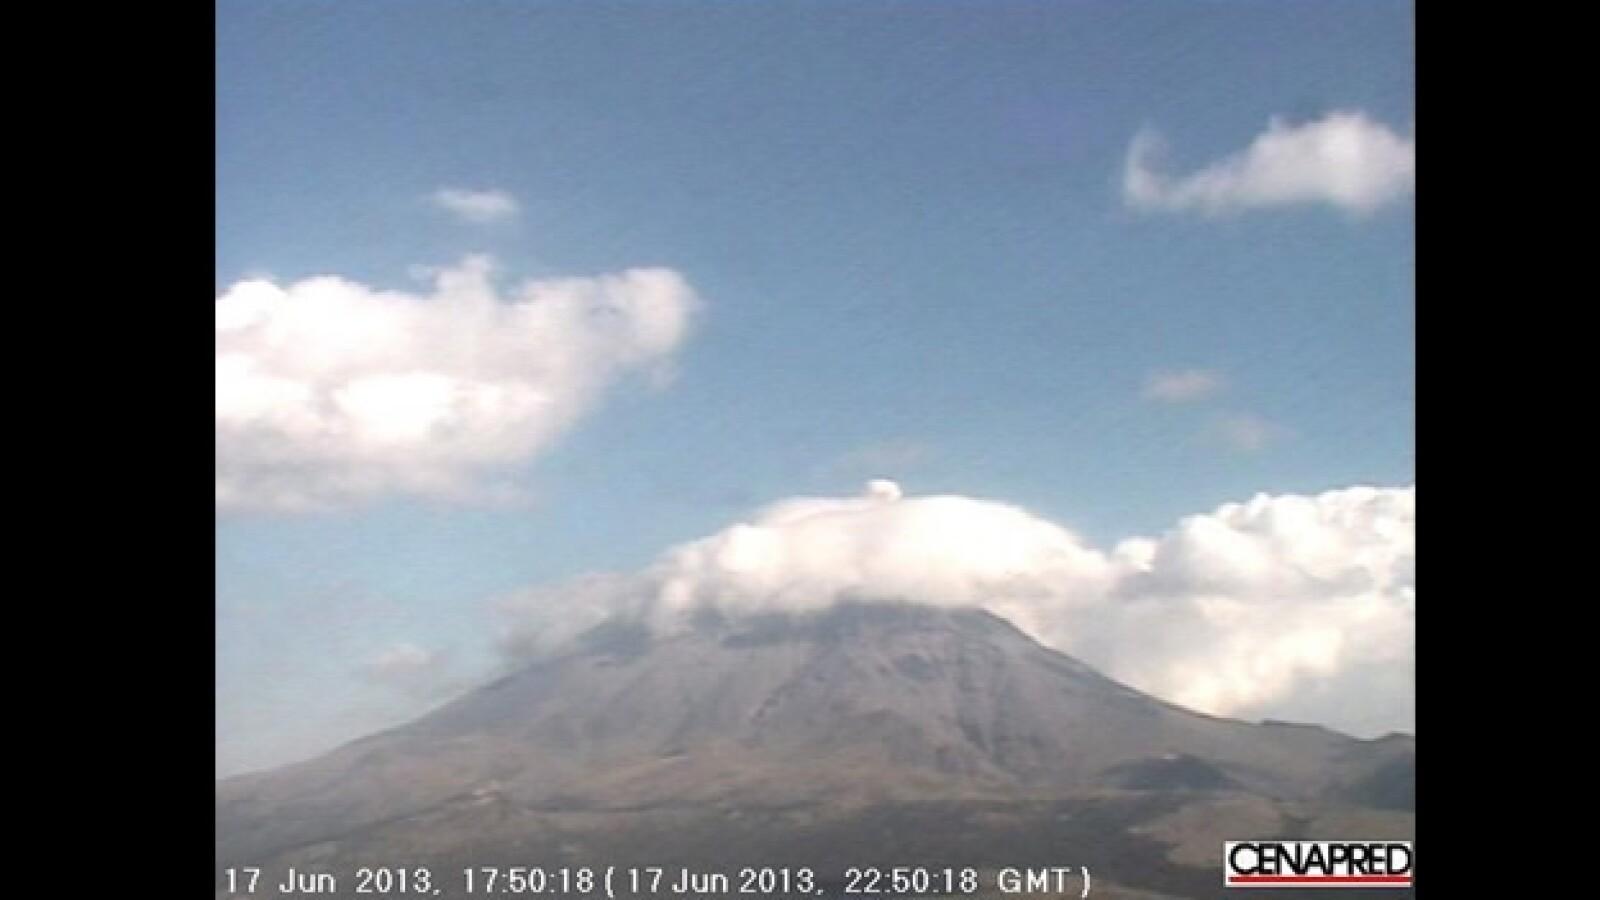 erupción del volcan popocatepetl